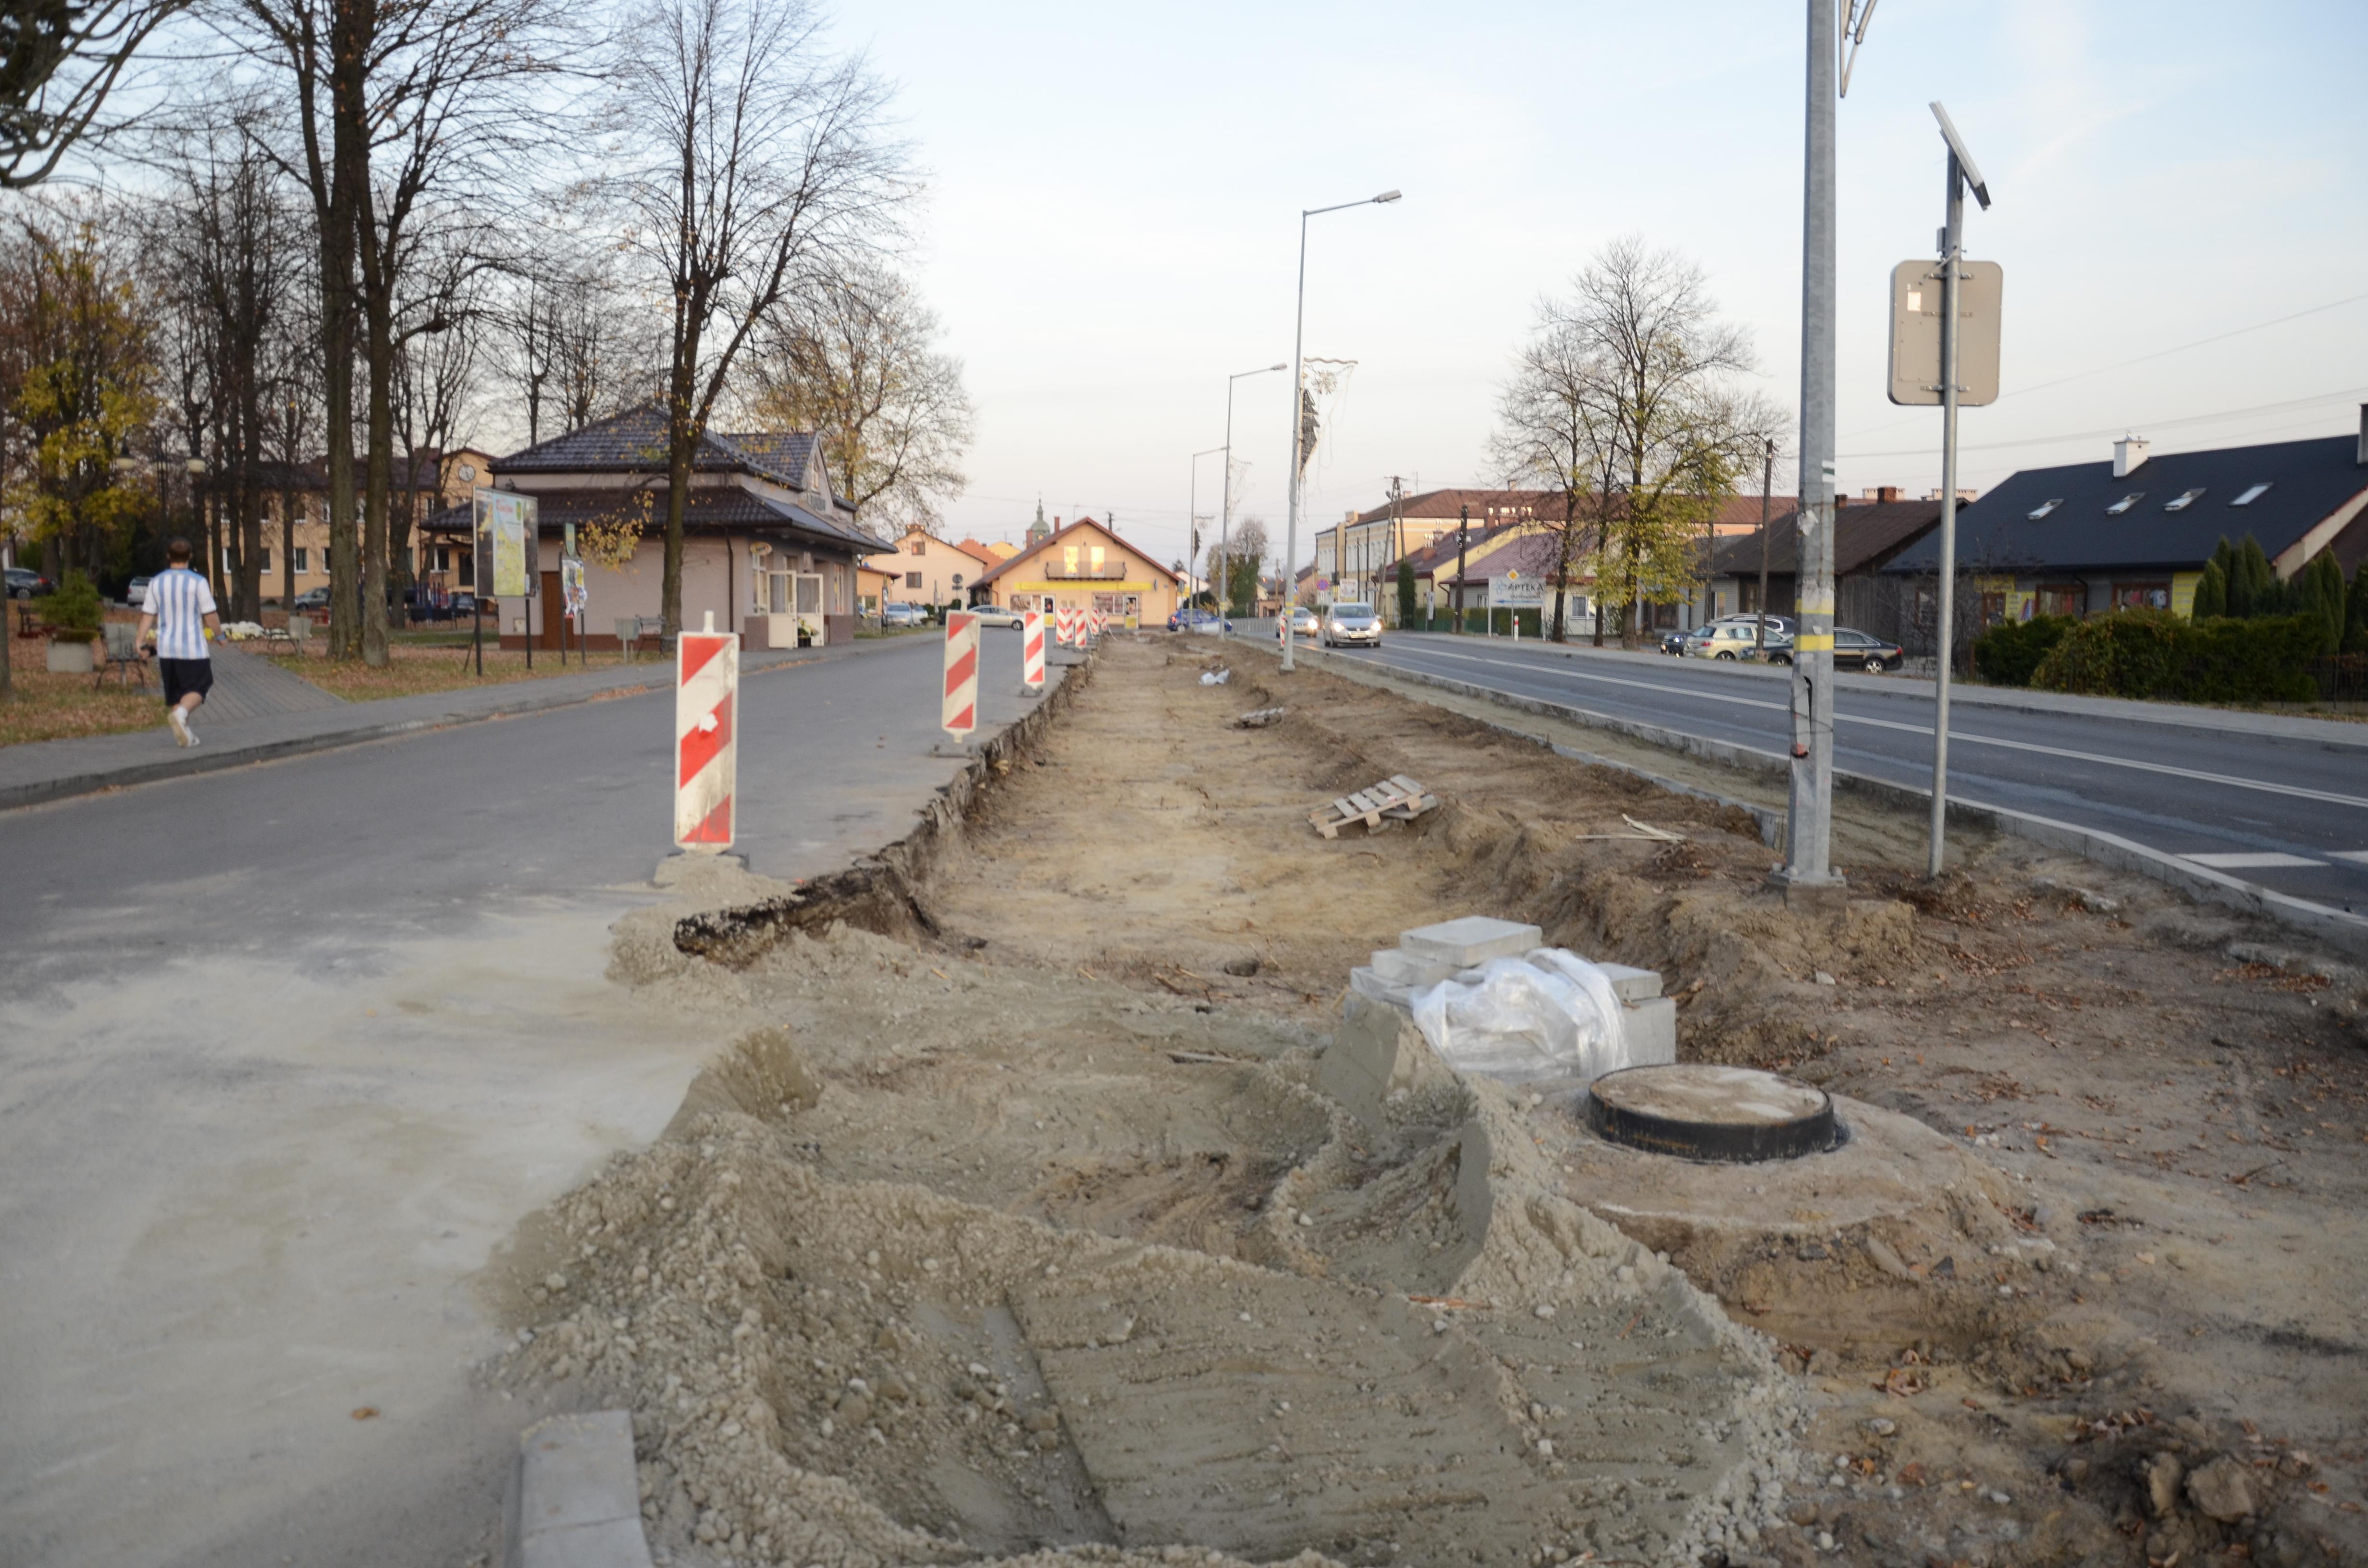 Beton wypiera drzewa. Co teraz? - Zdjęcie główne